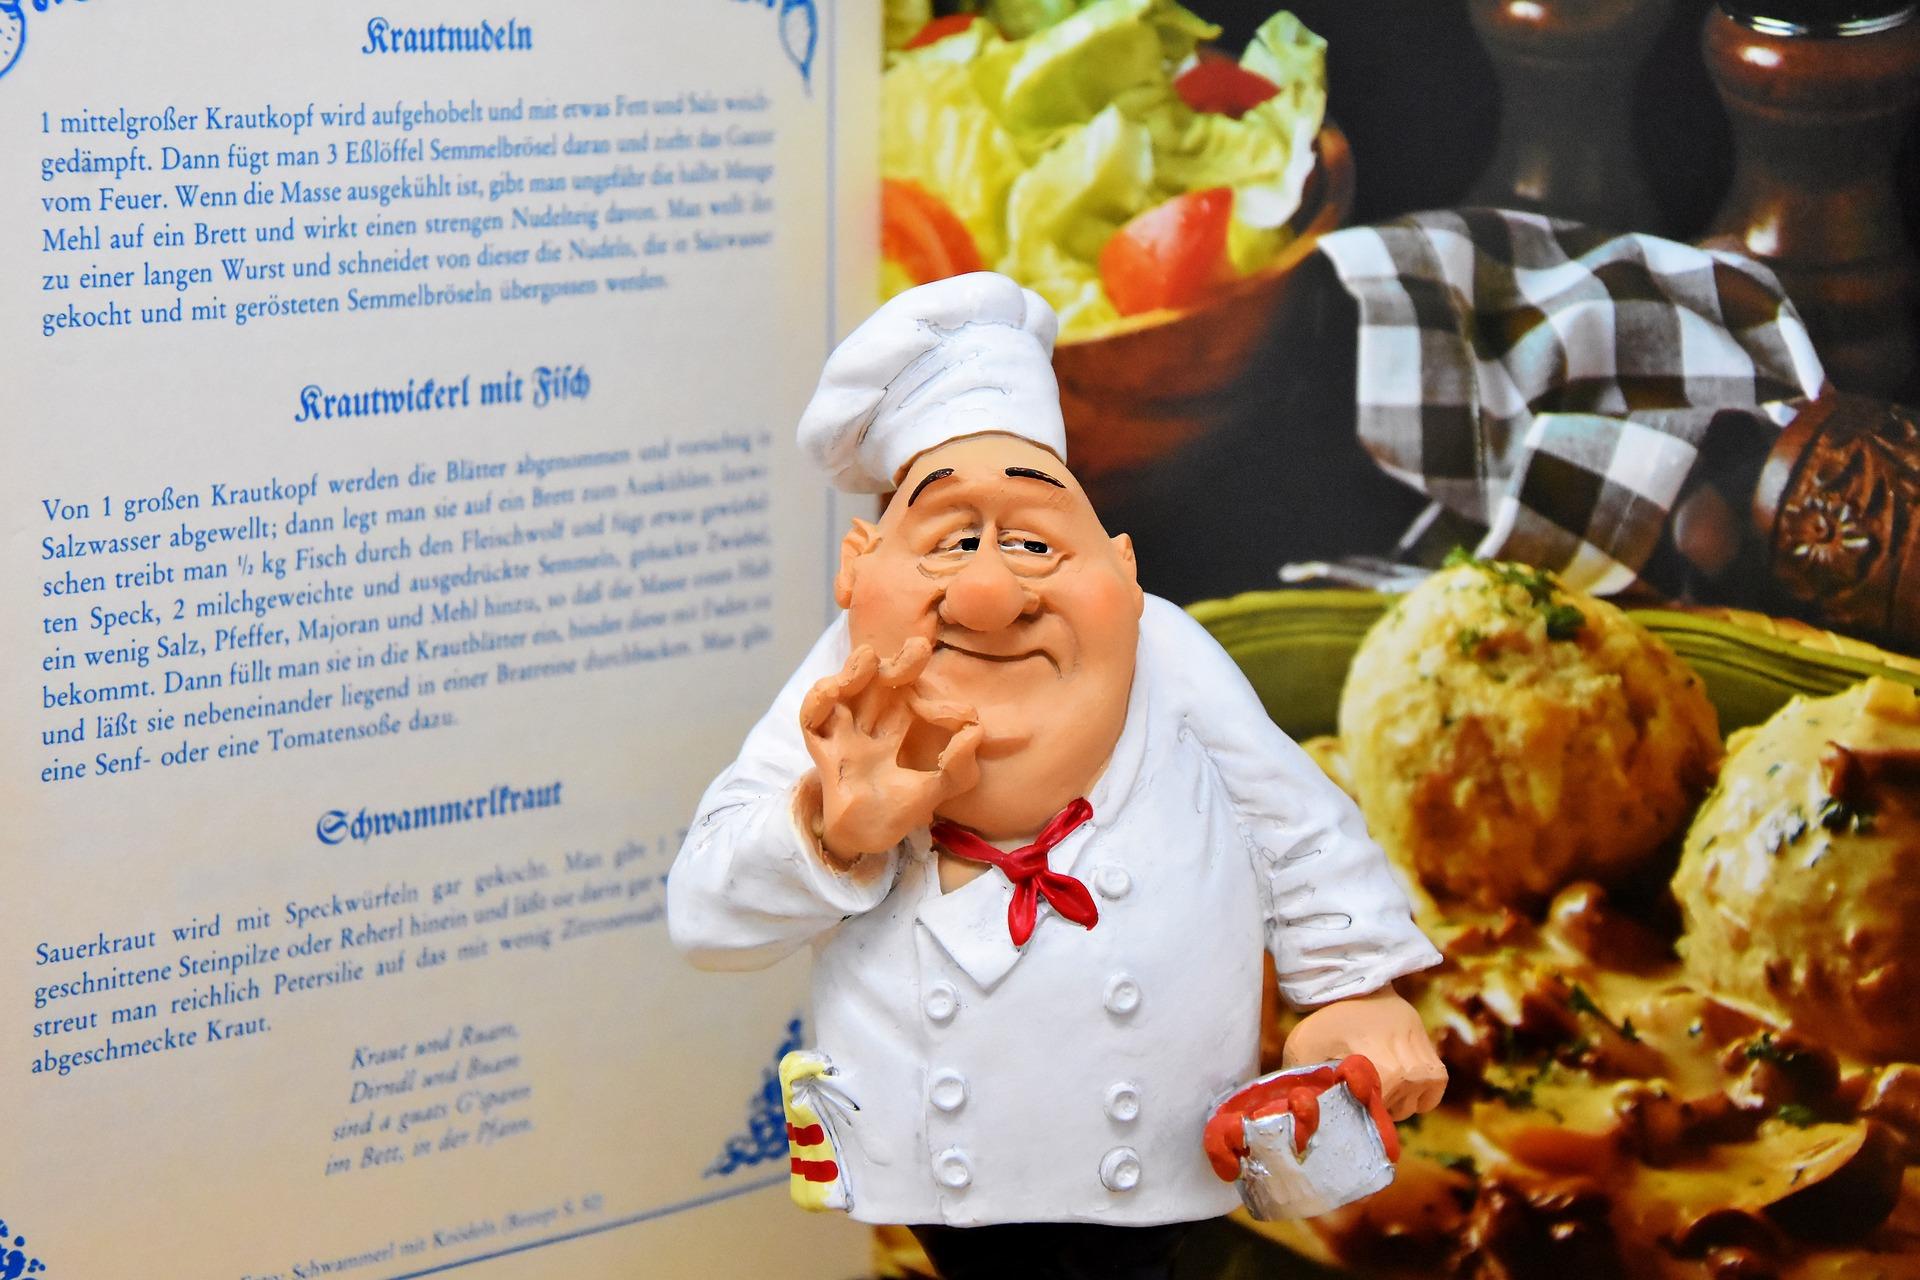 Réponses aux questions courantes sur la cuisine